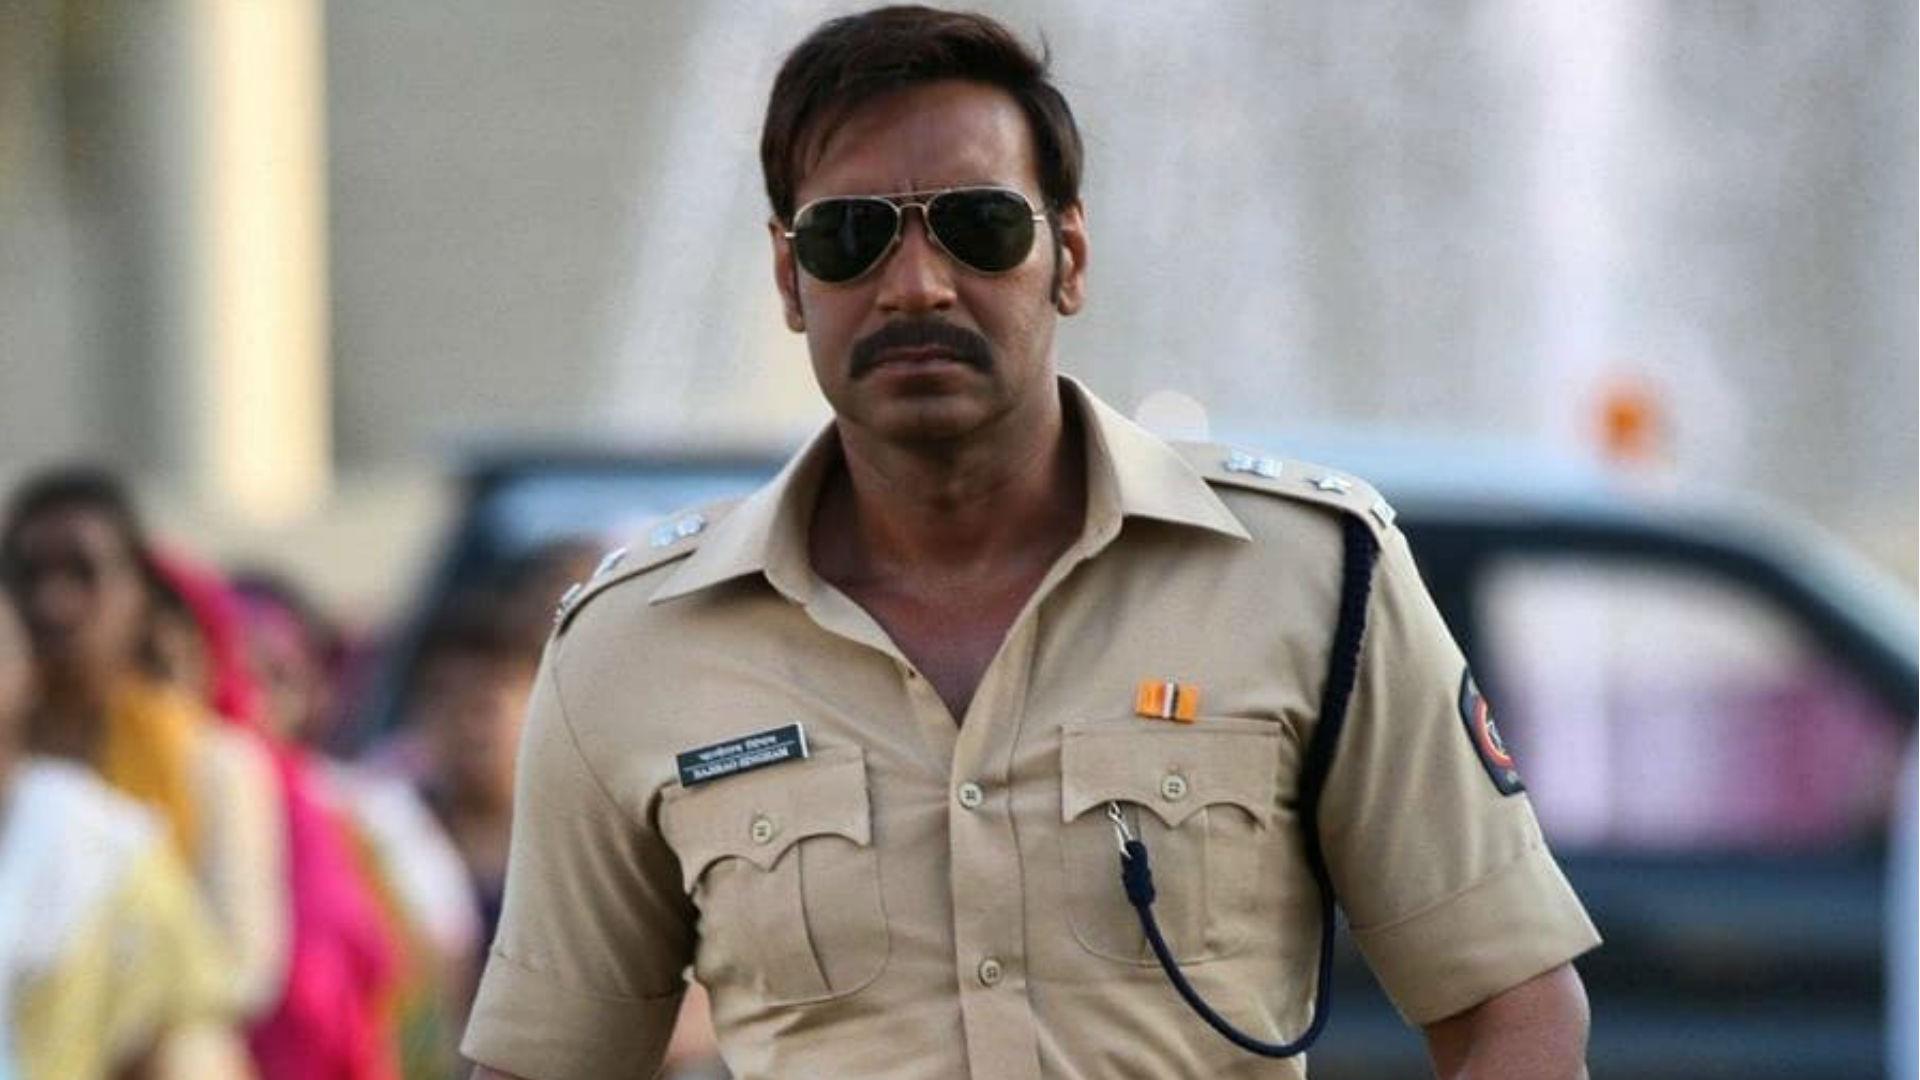 अजय देवगन को आई फिल्म सिंघम की याद, 8 साल पूरे होने पर शेयर की ये धमाकेदार पोस्ट